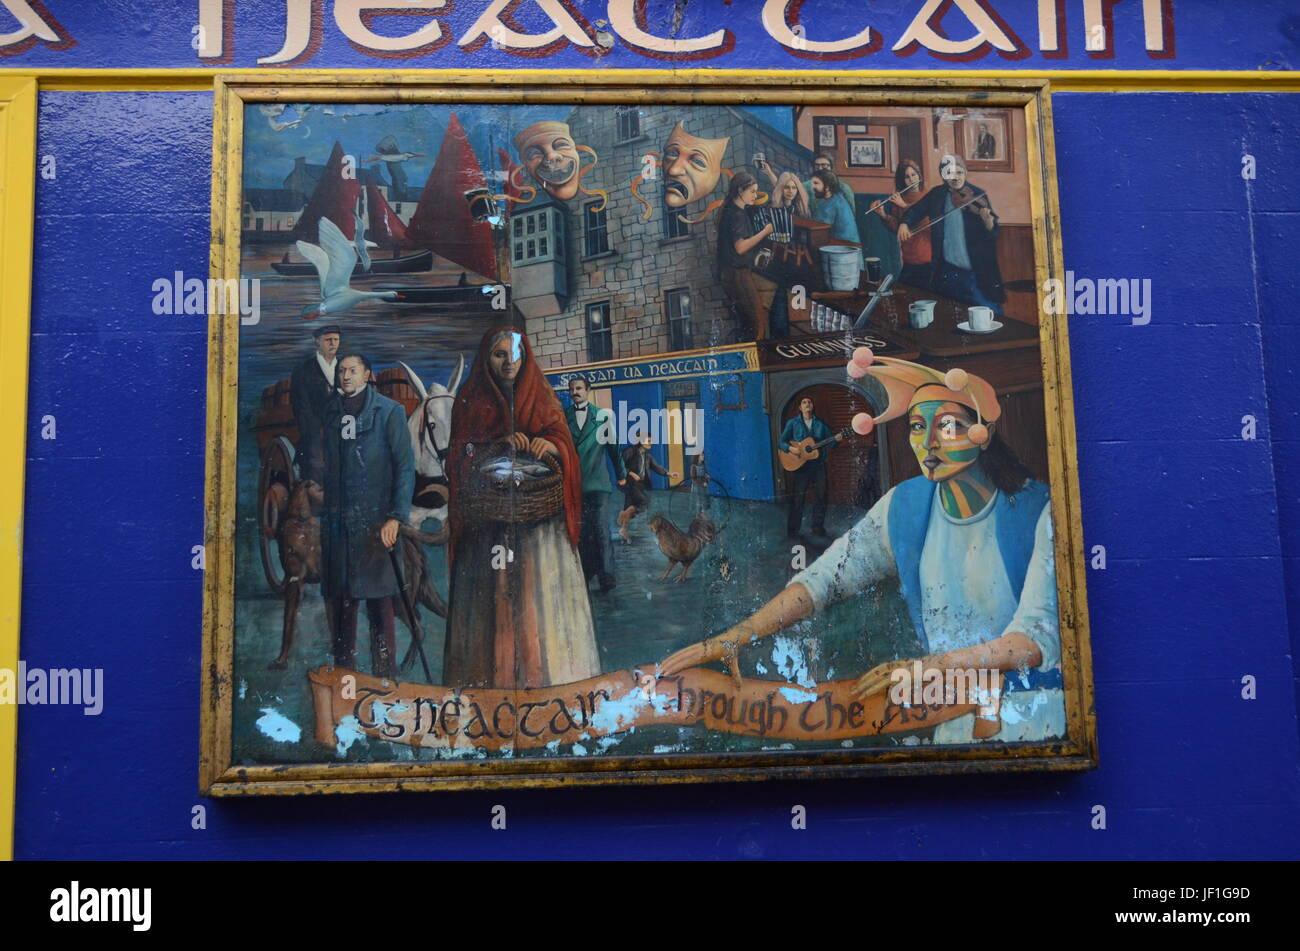 Historia, Arte y cultura celta pintura enmarcada en las calles de ...